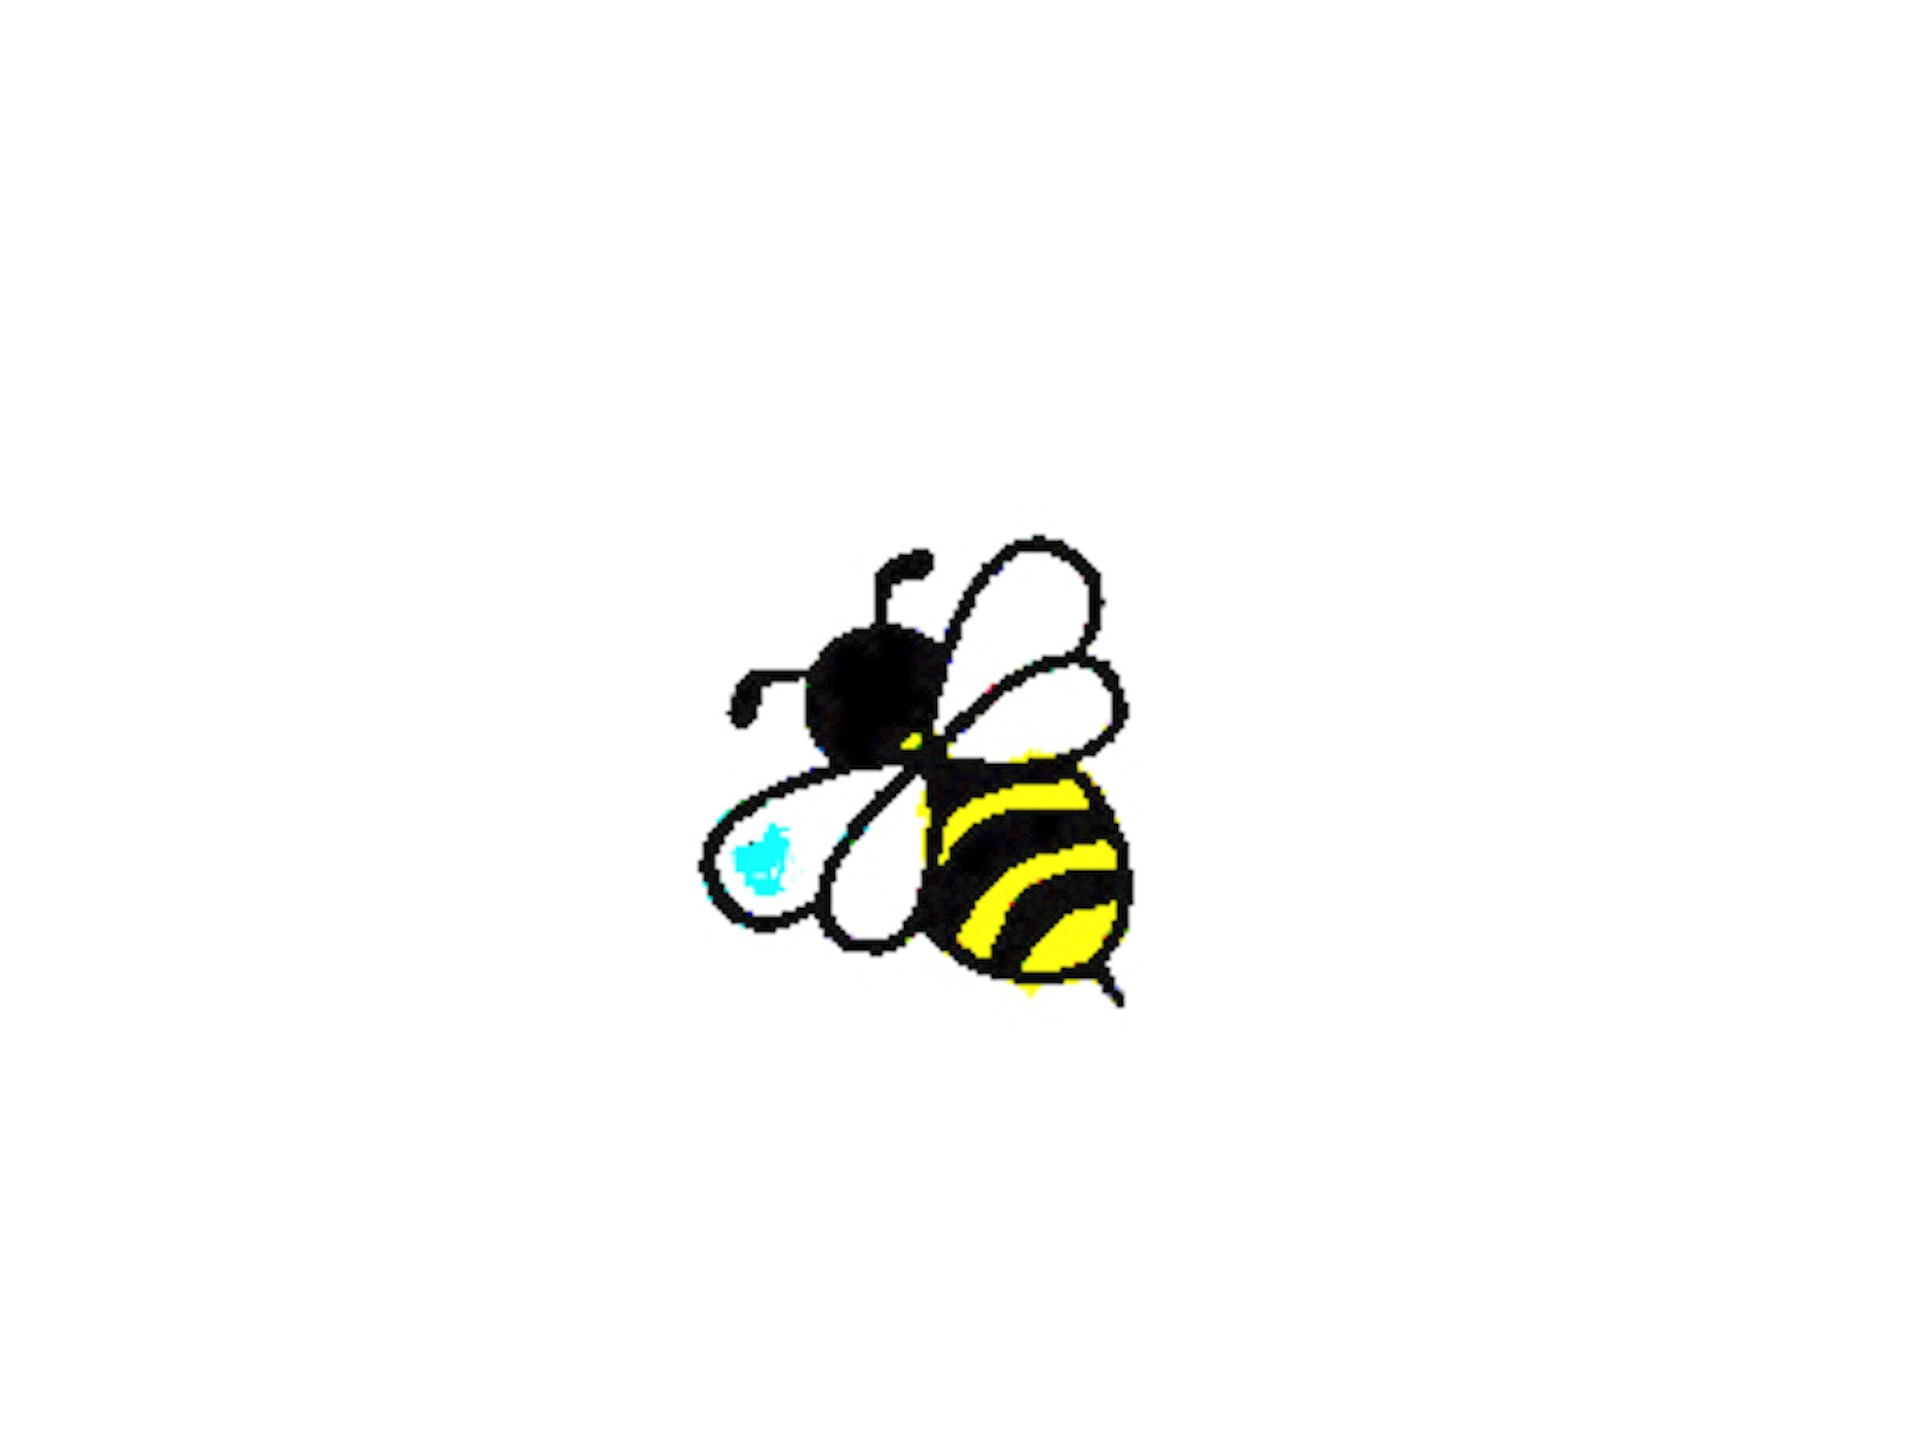 ### Süßer Weinberghonig Der Imker Frank Steinacher stellt seine Bienenkästen an für die Bienen günstigen Standorten in unserer Region auf. Der Honig von jedem Standort wird von ihm separat geschleudert. Hierbei entstehen sehr spezifische Honige. In ihrem Geschmack spiegeln diese wider, welche Pflanzen die Bienen bei ihrer Suche nach Nektar und Pollen vorfinden und ansteuern. Wen interessiert, wie lecker der Honig schmeckt, den die Bienen auf unserem Weinberg produzieren, kann sich bei Herrn Steinacher ein Gläschen ordern. Er freut sich über Ihren Anruf. Imker Frank Steinacher aus Freimersheim | T 06731 9977906 | steinacher@ok.de